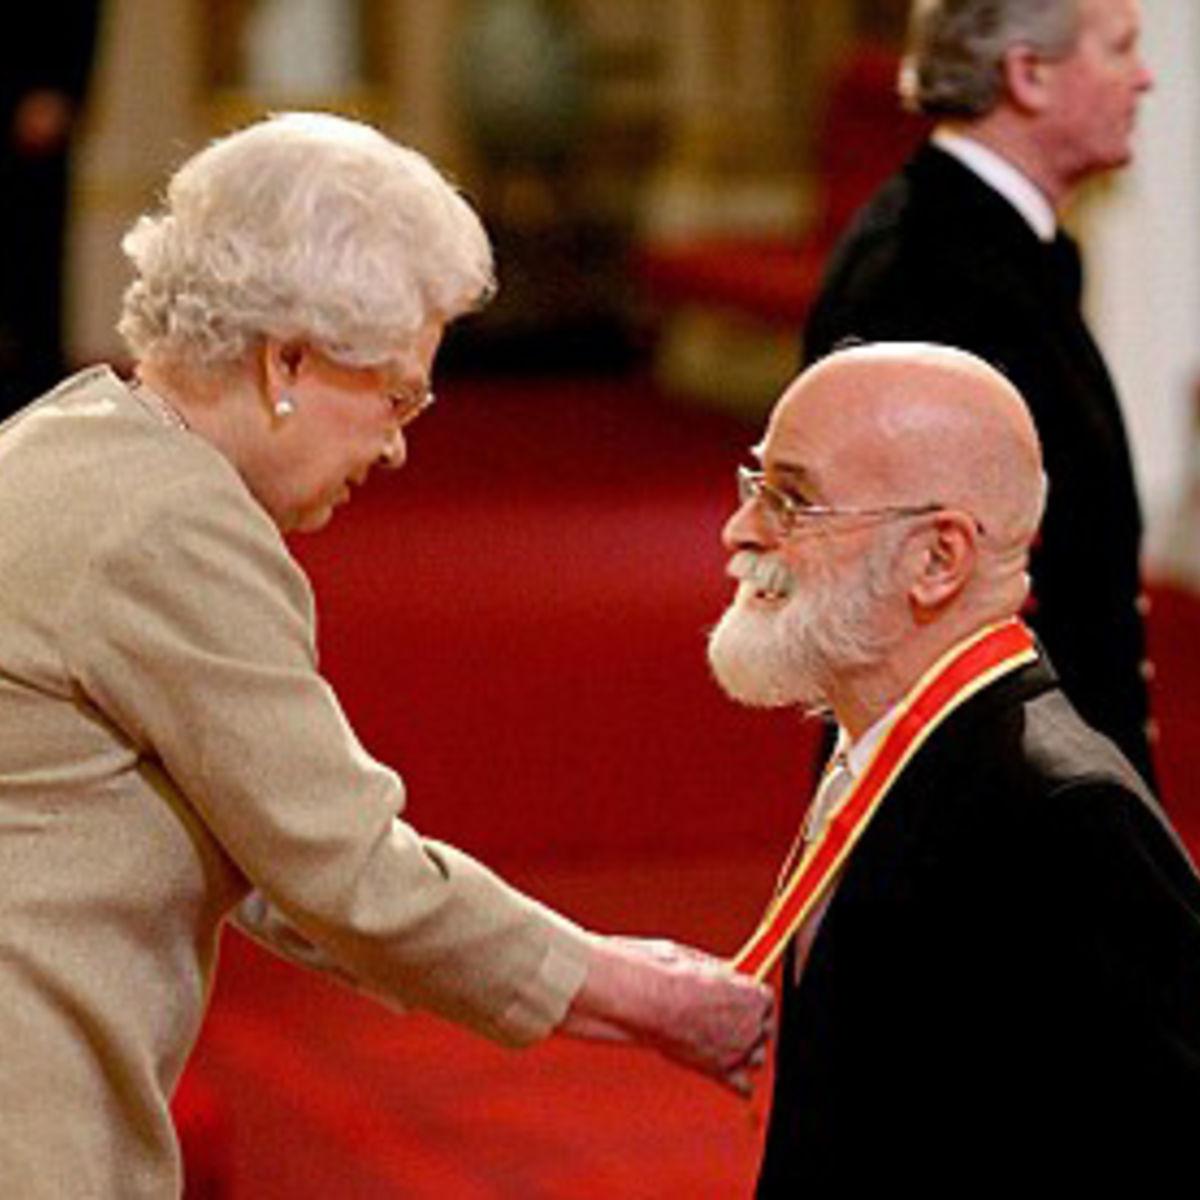 PratchettKnighted.jpg